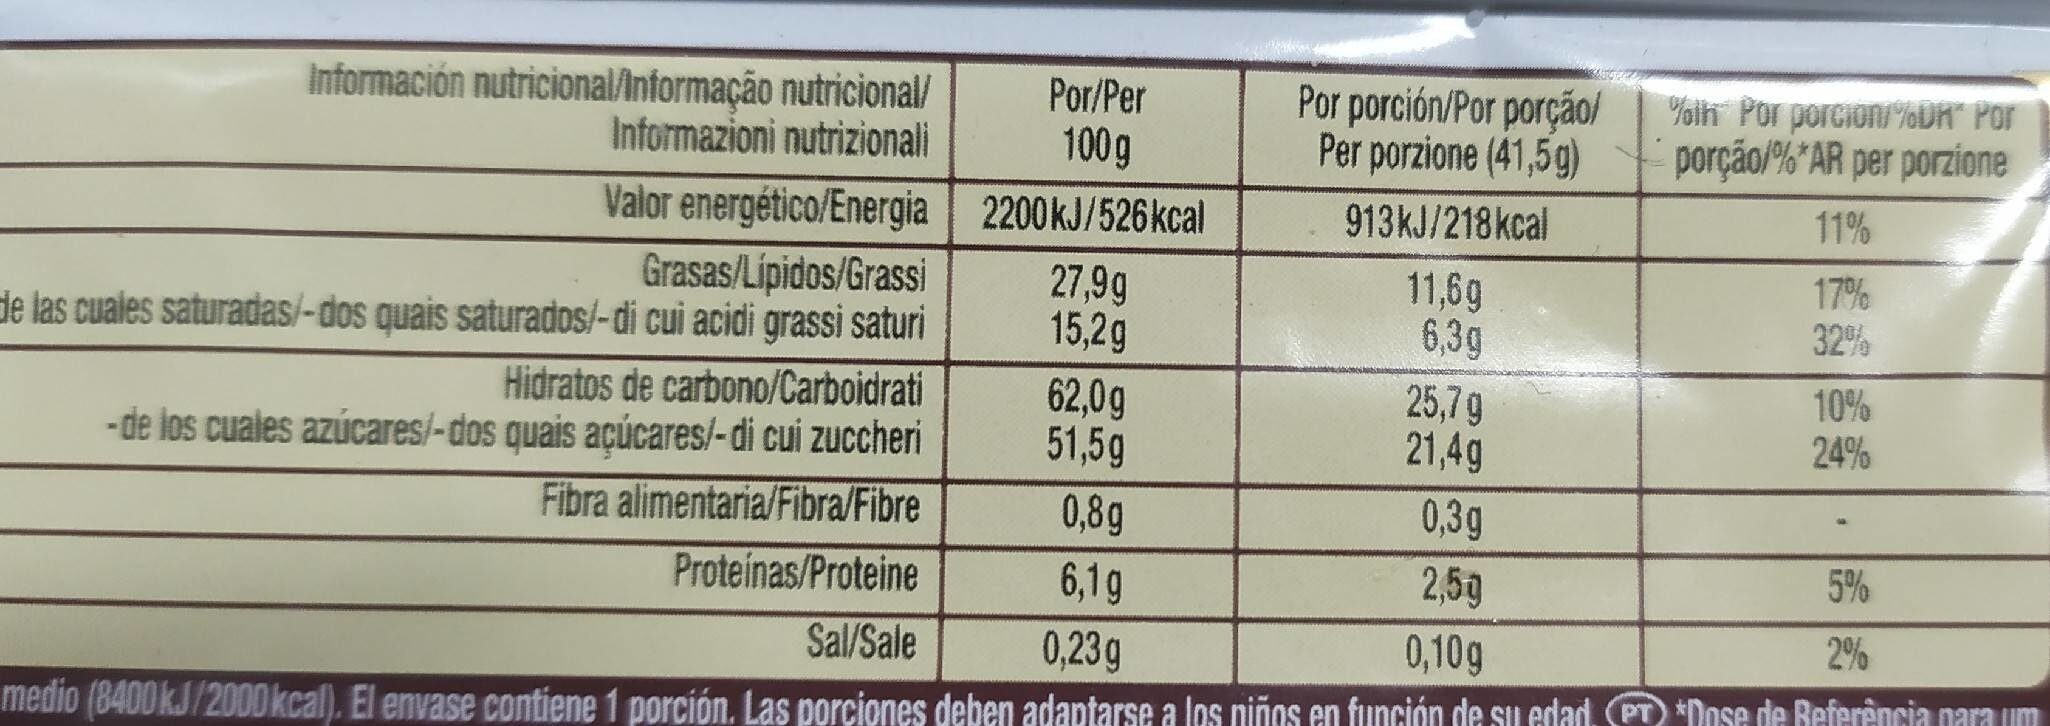 Kitkat gold - Información nutricional - es